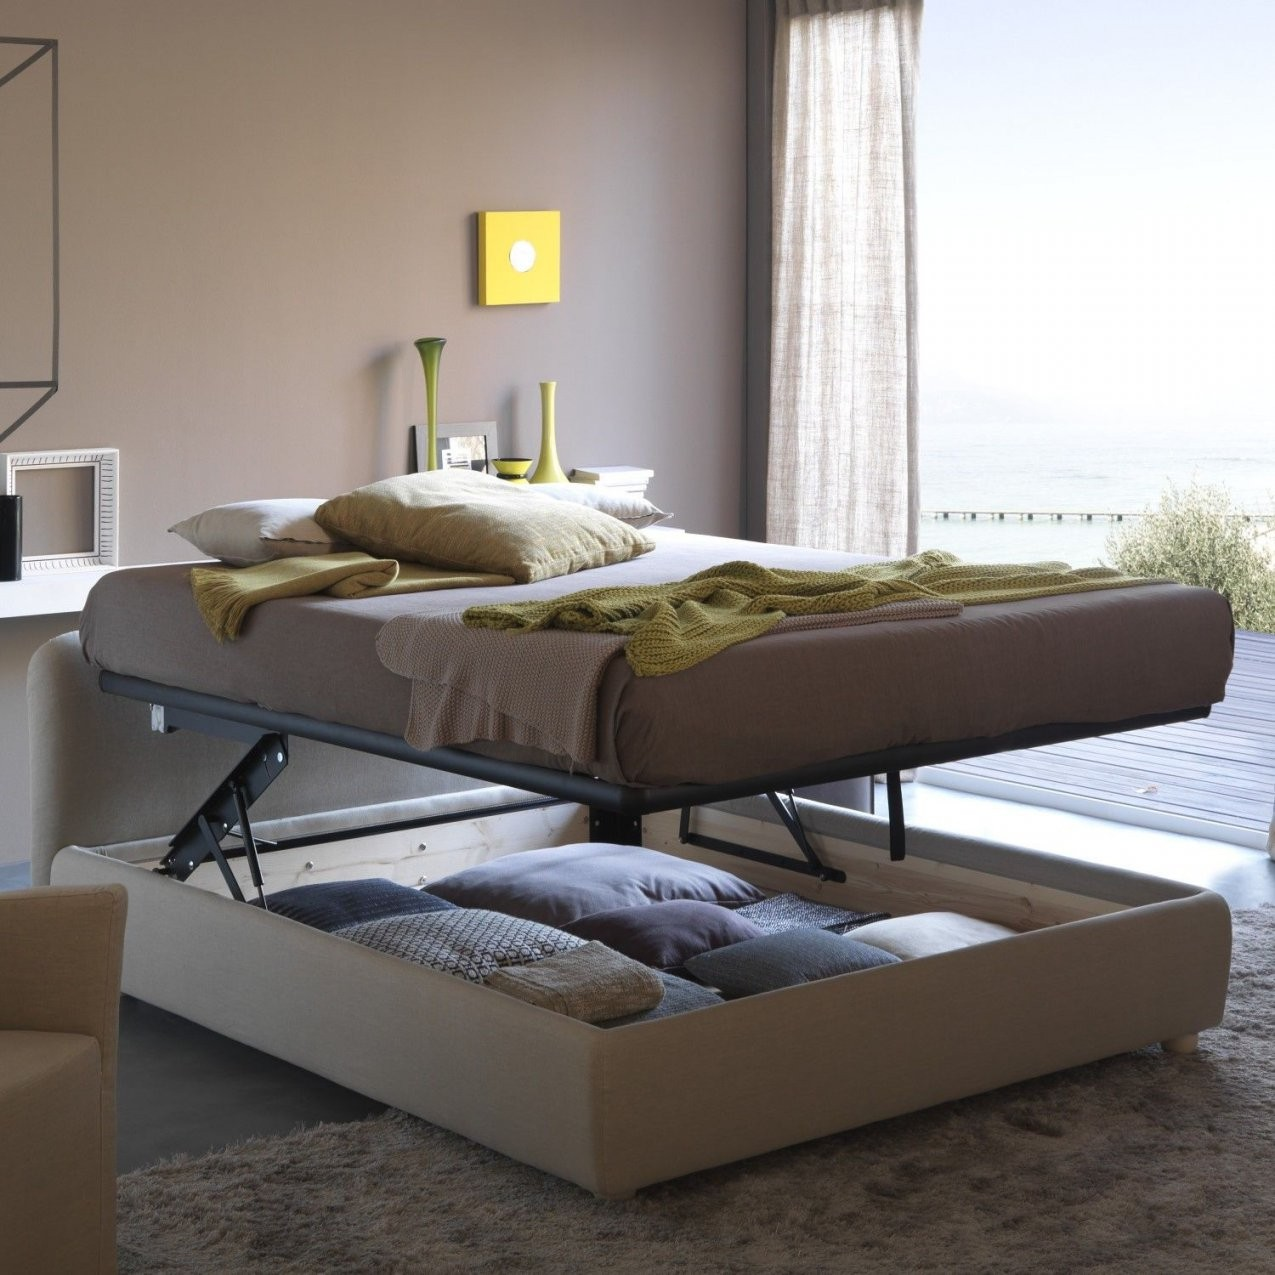 Billig Bett Mit Stauraum 180X200  Schlafzimmer  Pinterest  Bett von Bett 180X200 Mit Stauraum Bild